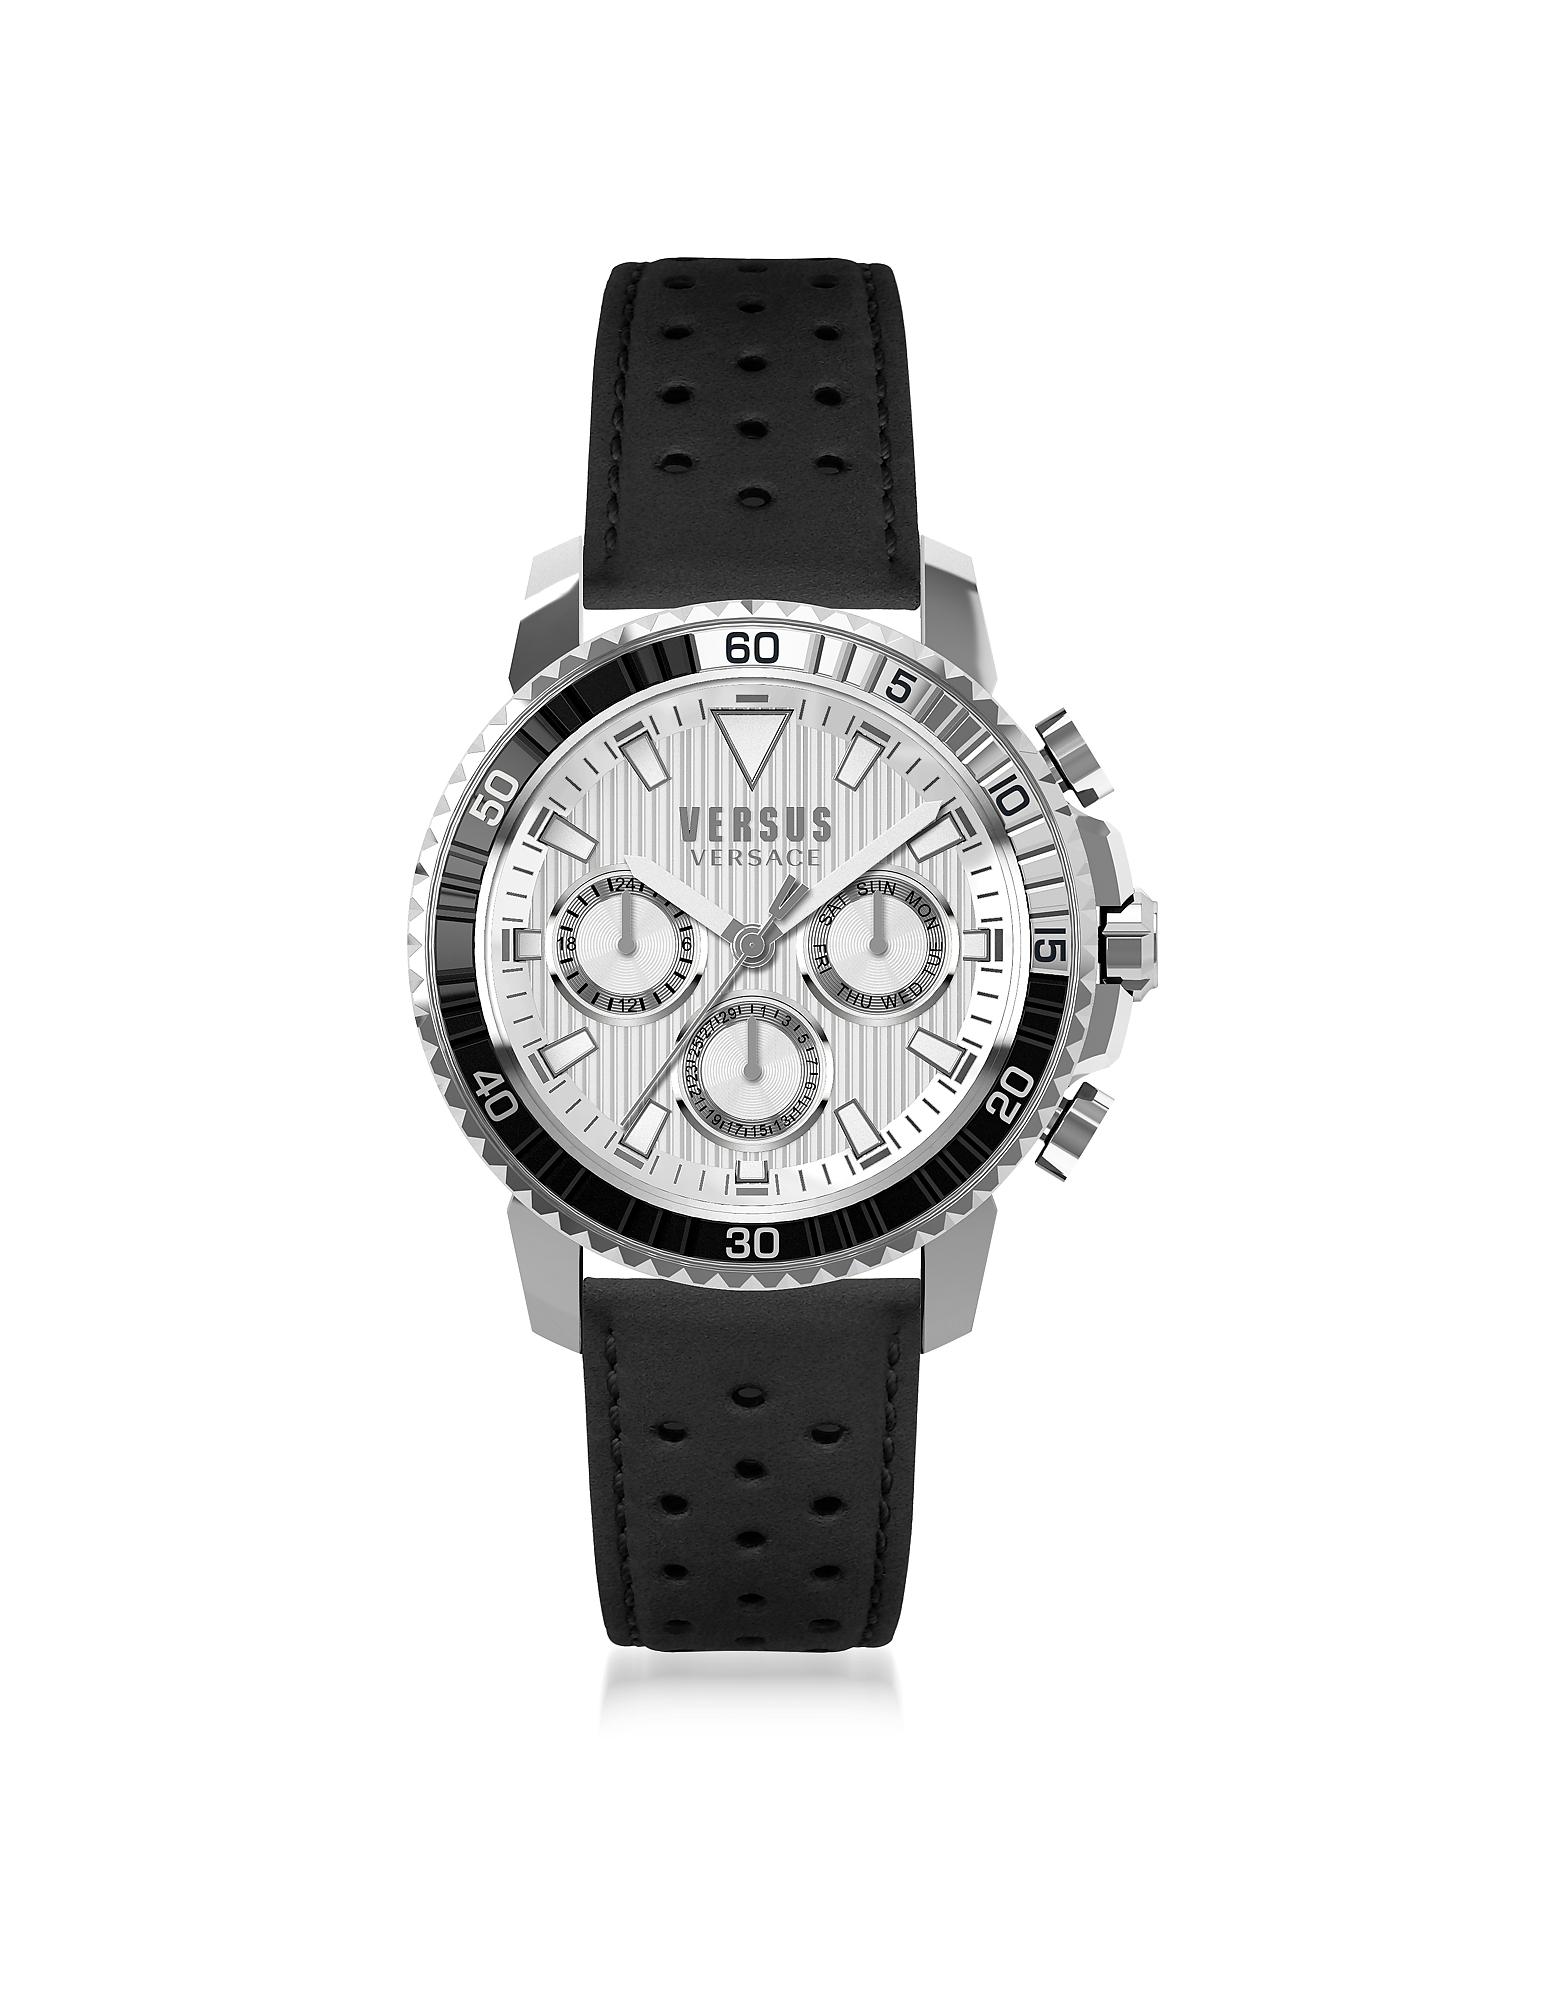 Aberdeen - Серебристые Мужские Часы Хронограф из Нержавеющей Стали на Черном Кожаном Ремешке